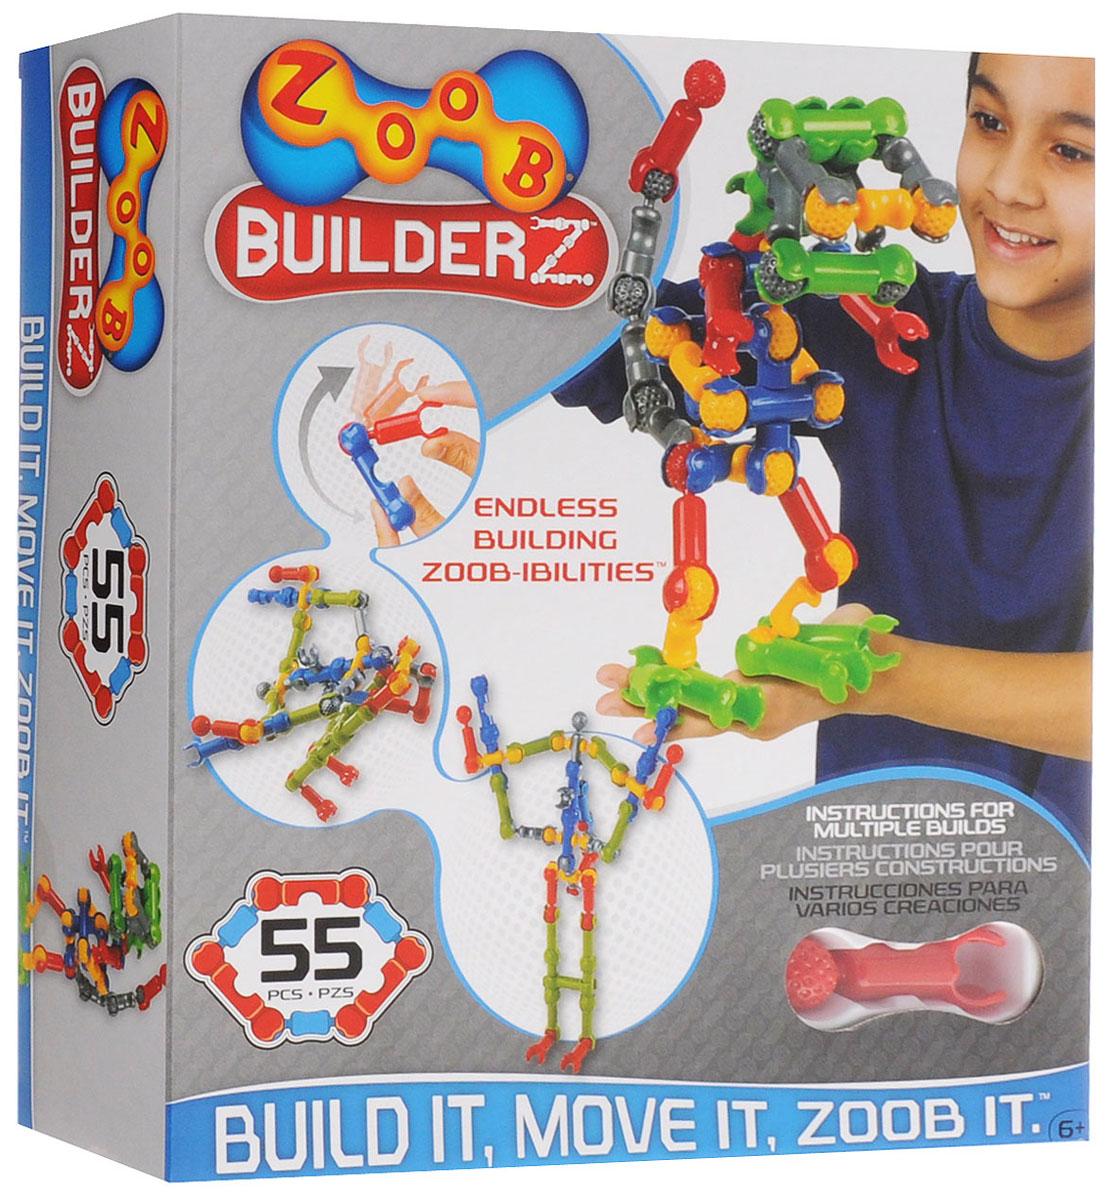 Zoob Конструктор 11055 конструкторы zoob подвижный конструктор zoob с инерционным механизмом oz12055